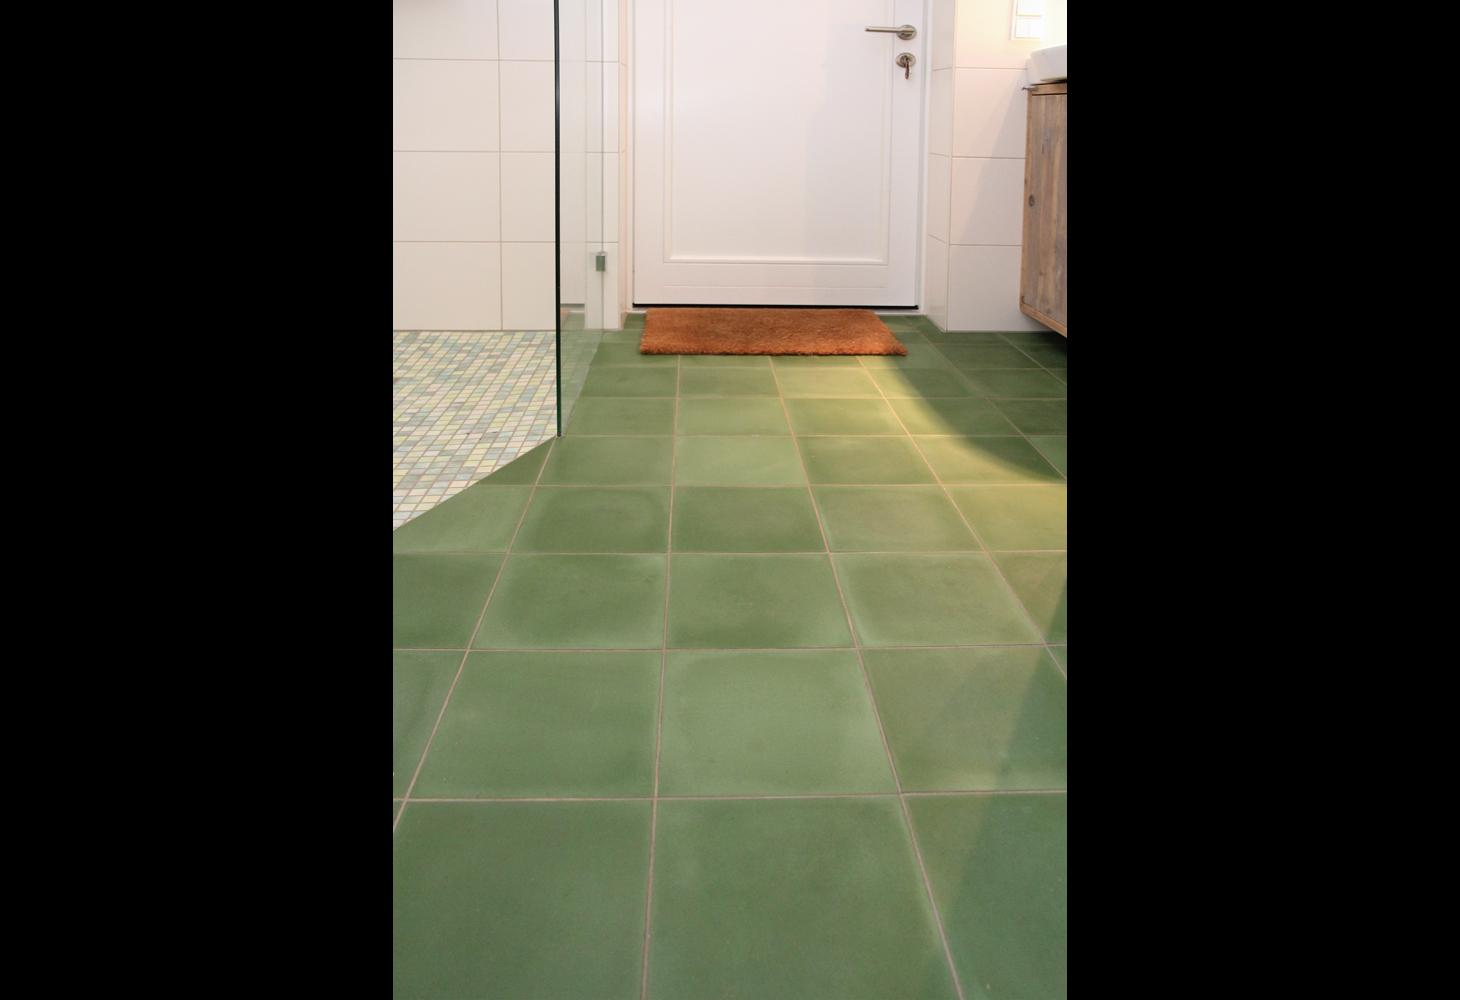 EG: Bodenbelag aus grünen Zementmosaikplatten von VIA.